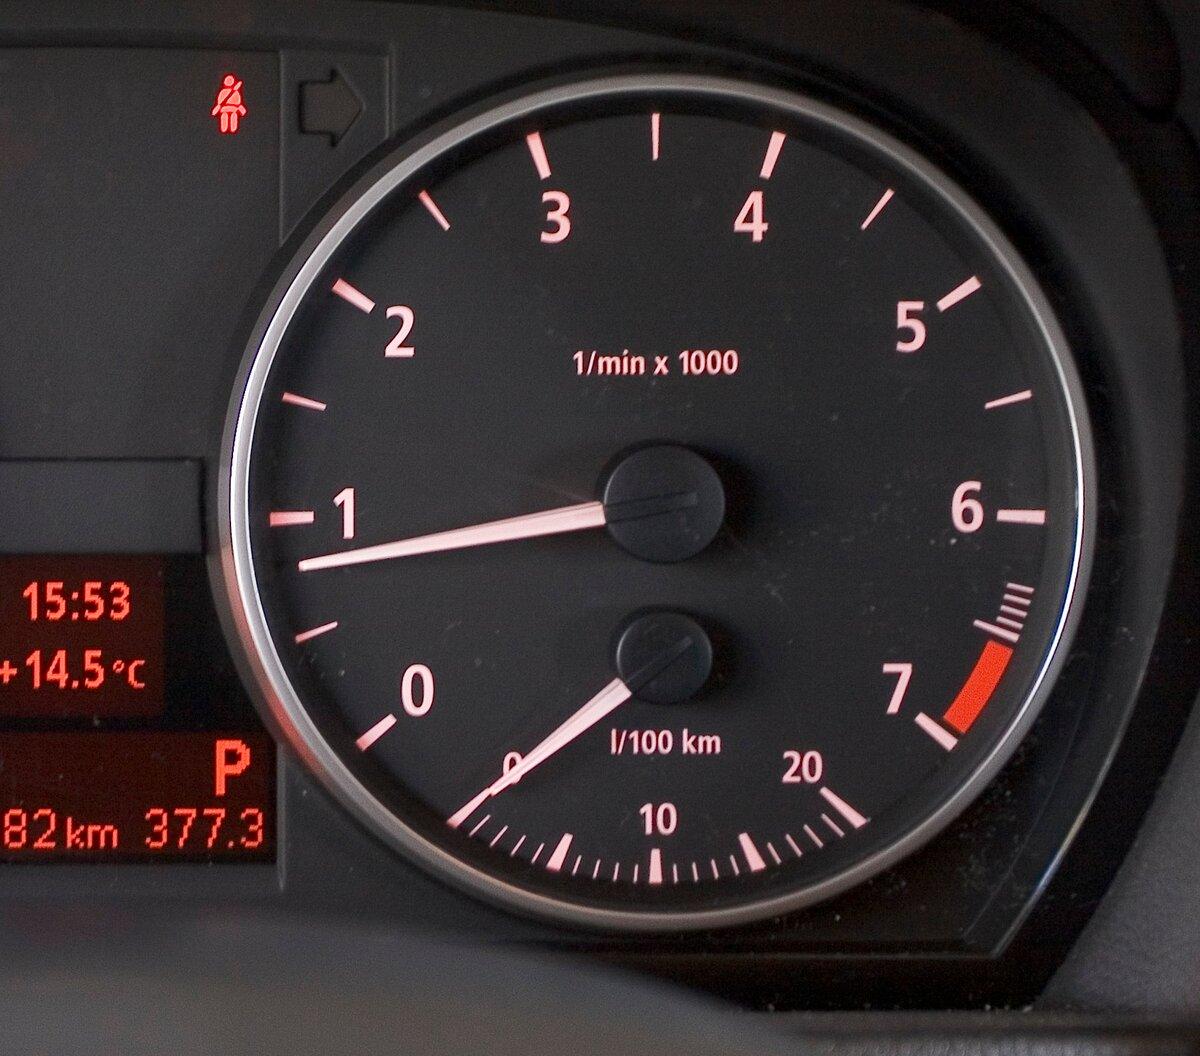 Из-за чего может увеличиться расход топлива авто,авто и мото,автосалон,автосамоделки,водителю на заметку,машины,ремонт,Россия,советы,тюнинг